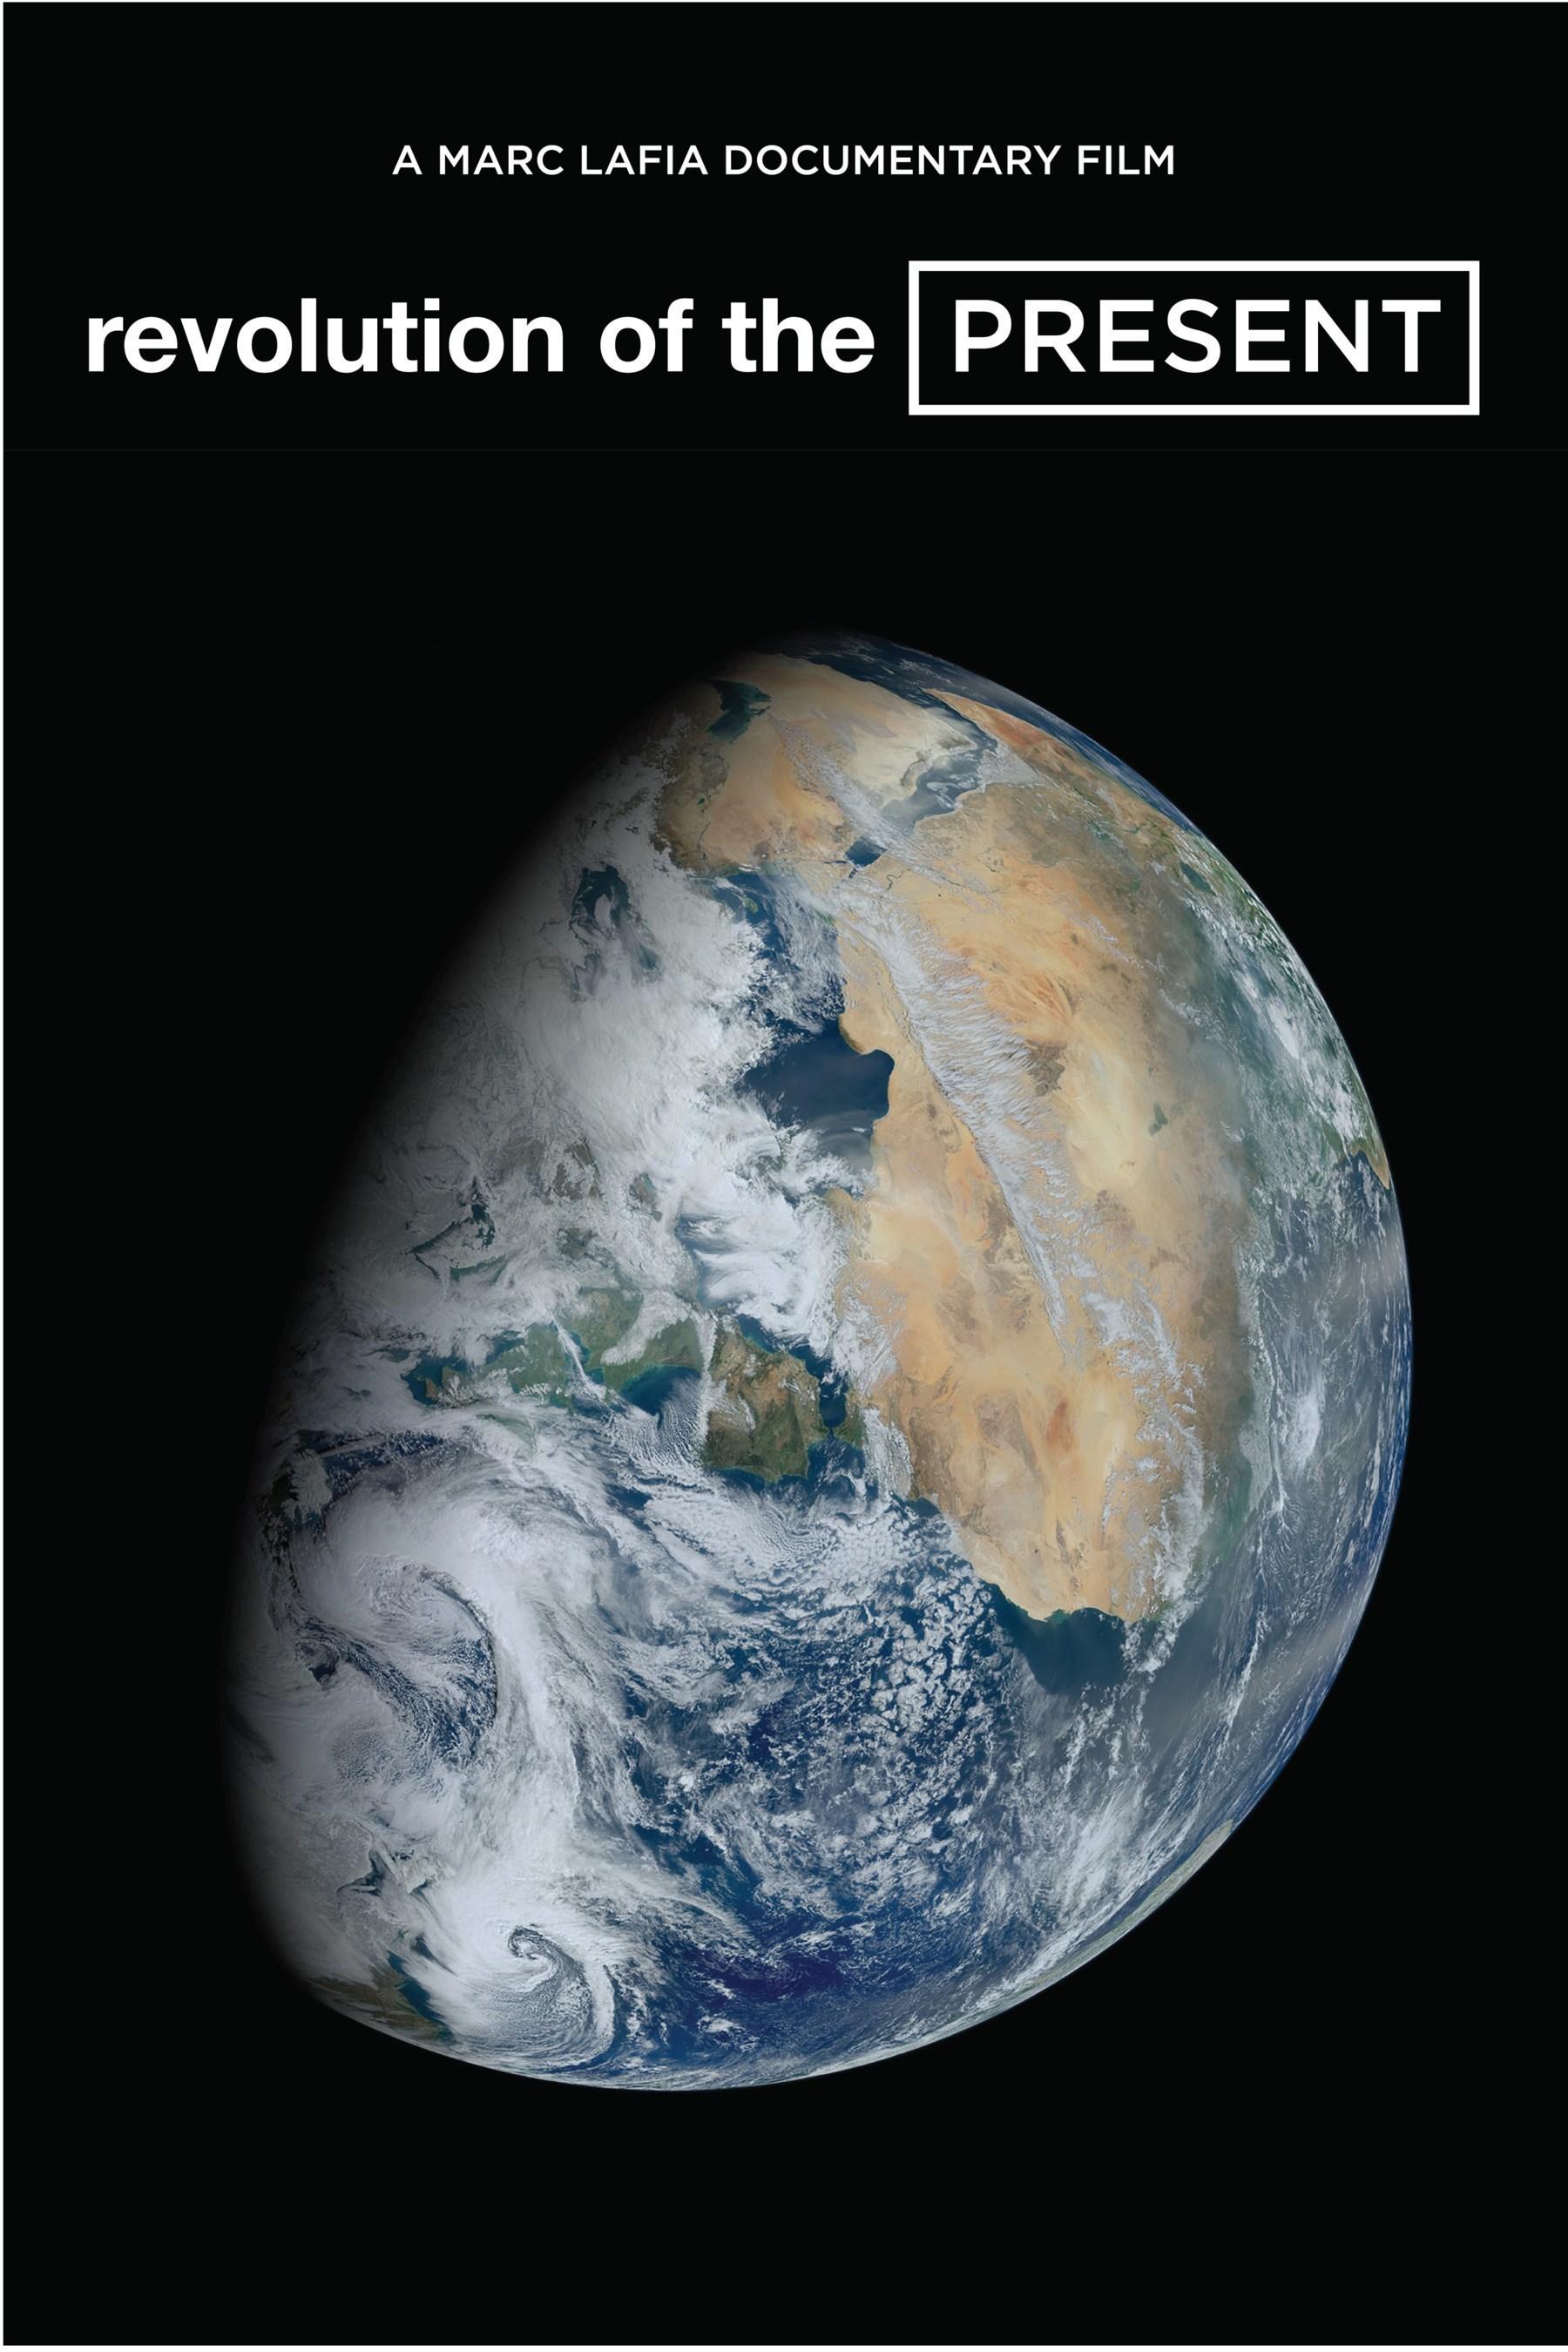 Lanzamiento mundial del documental titulado 'Revolution of the Present', un manual básico para la